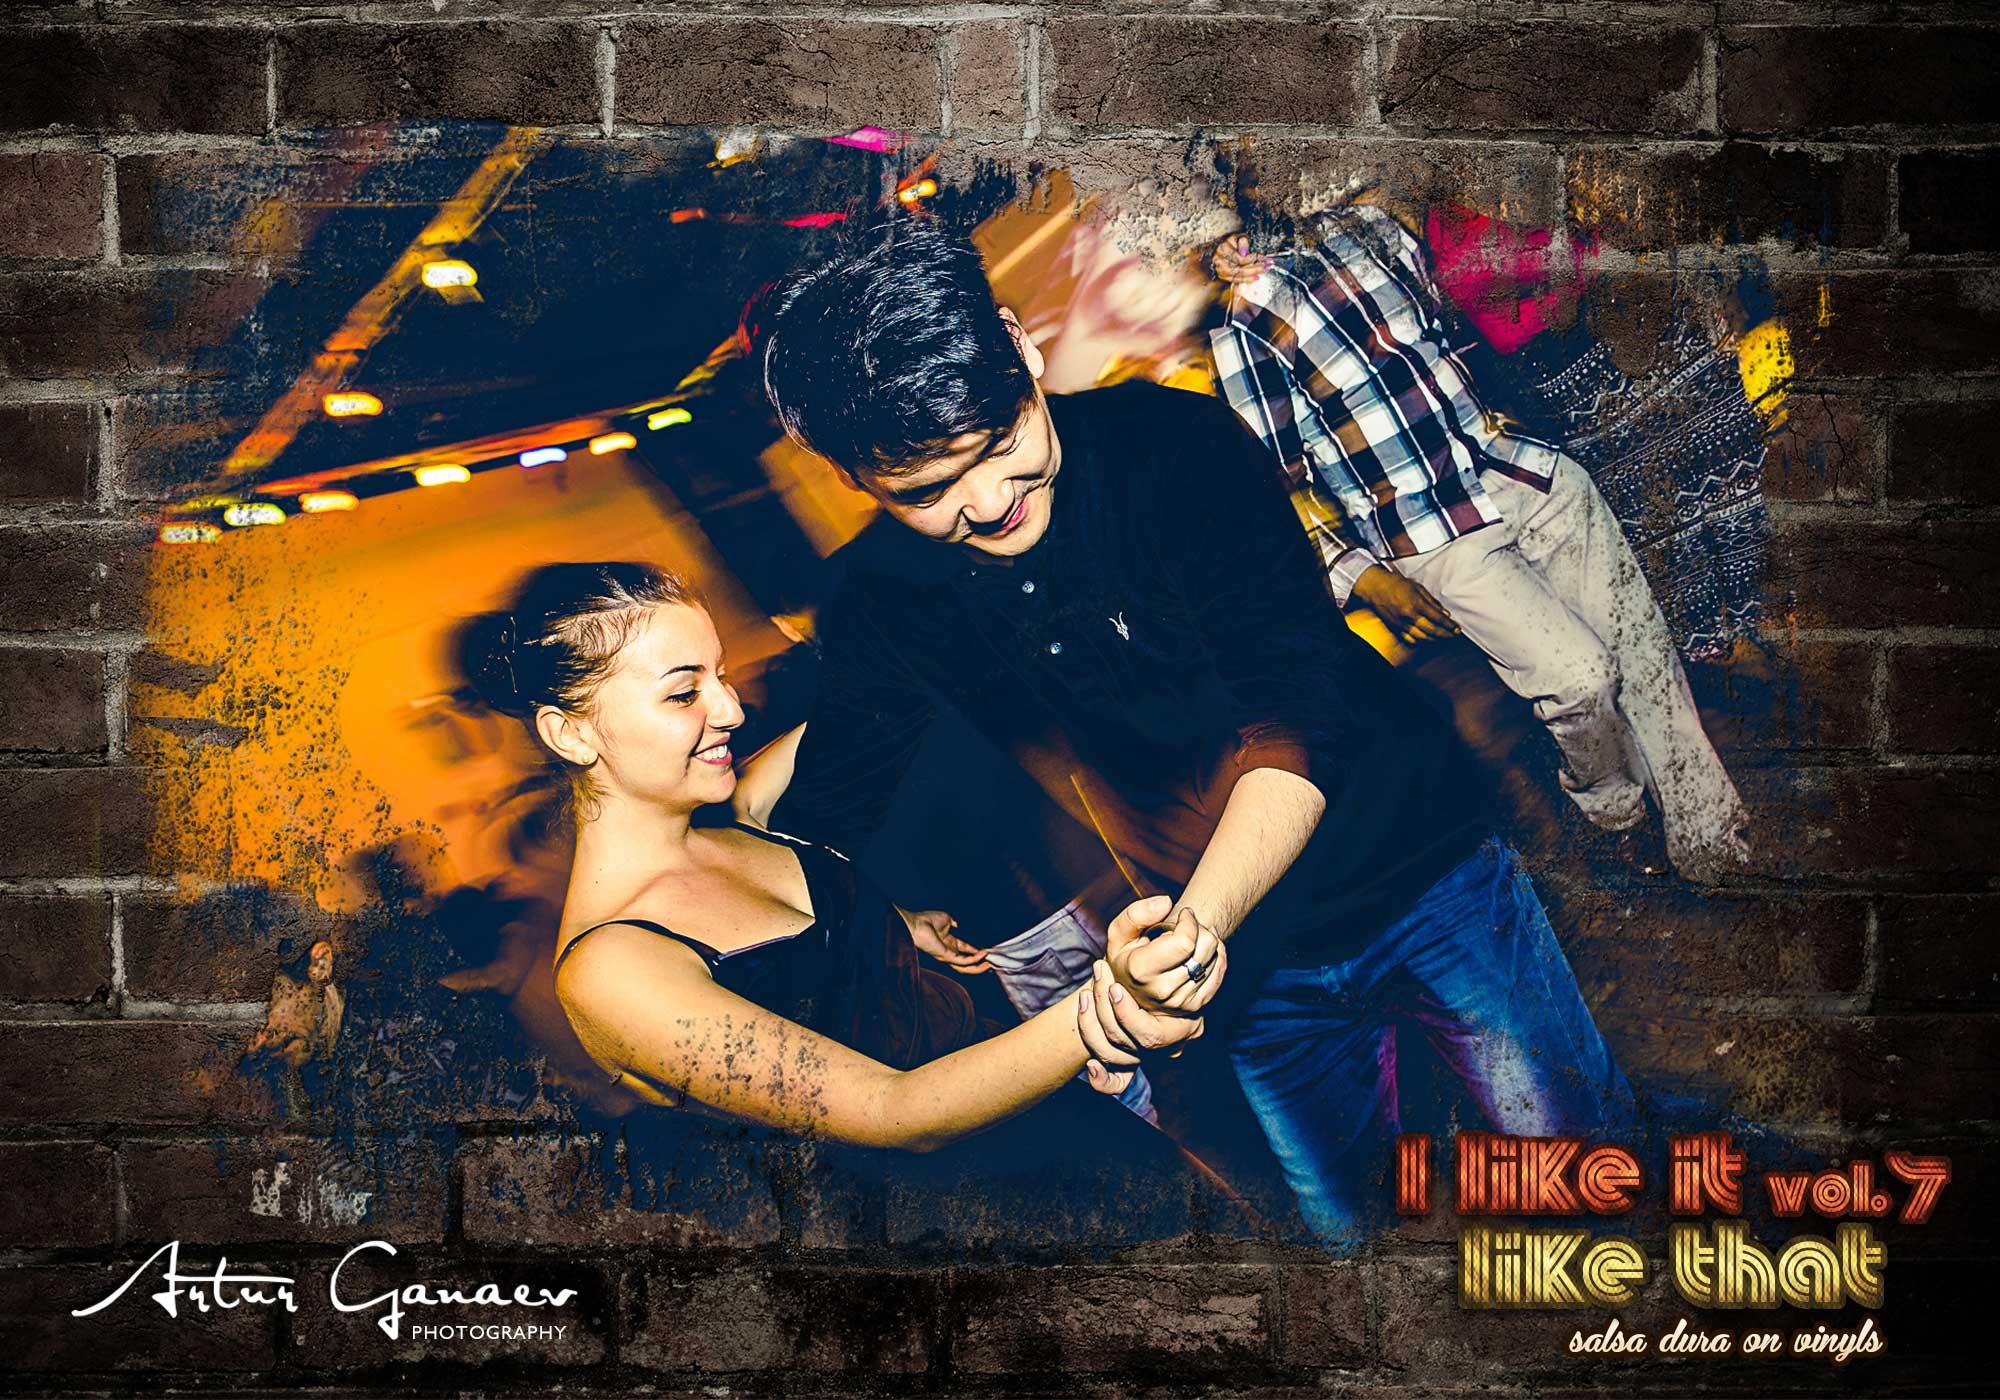 I_like_it_like_that_vol.7_45.jpg